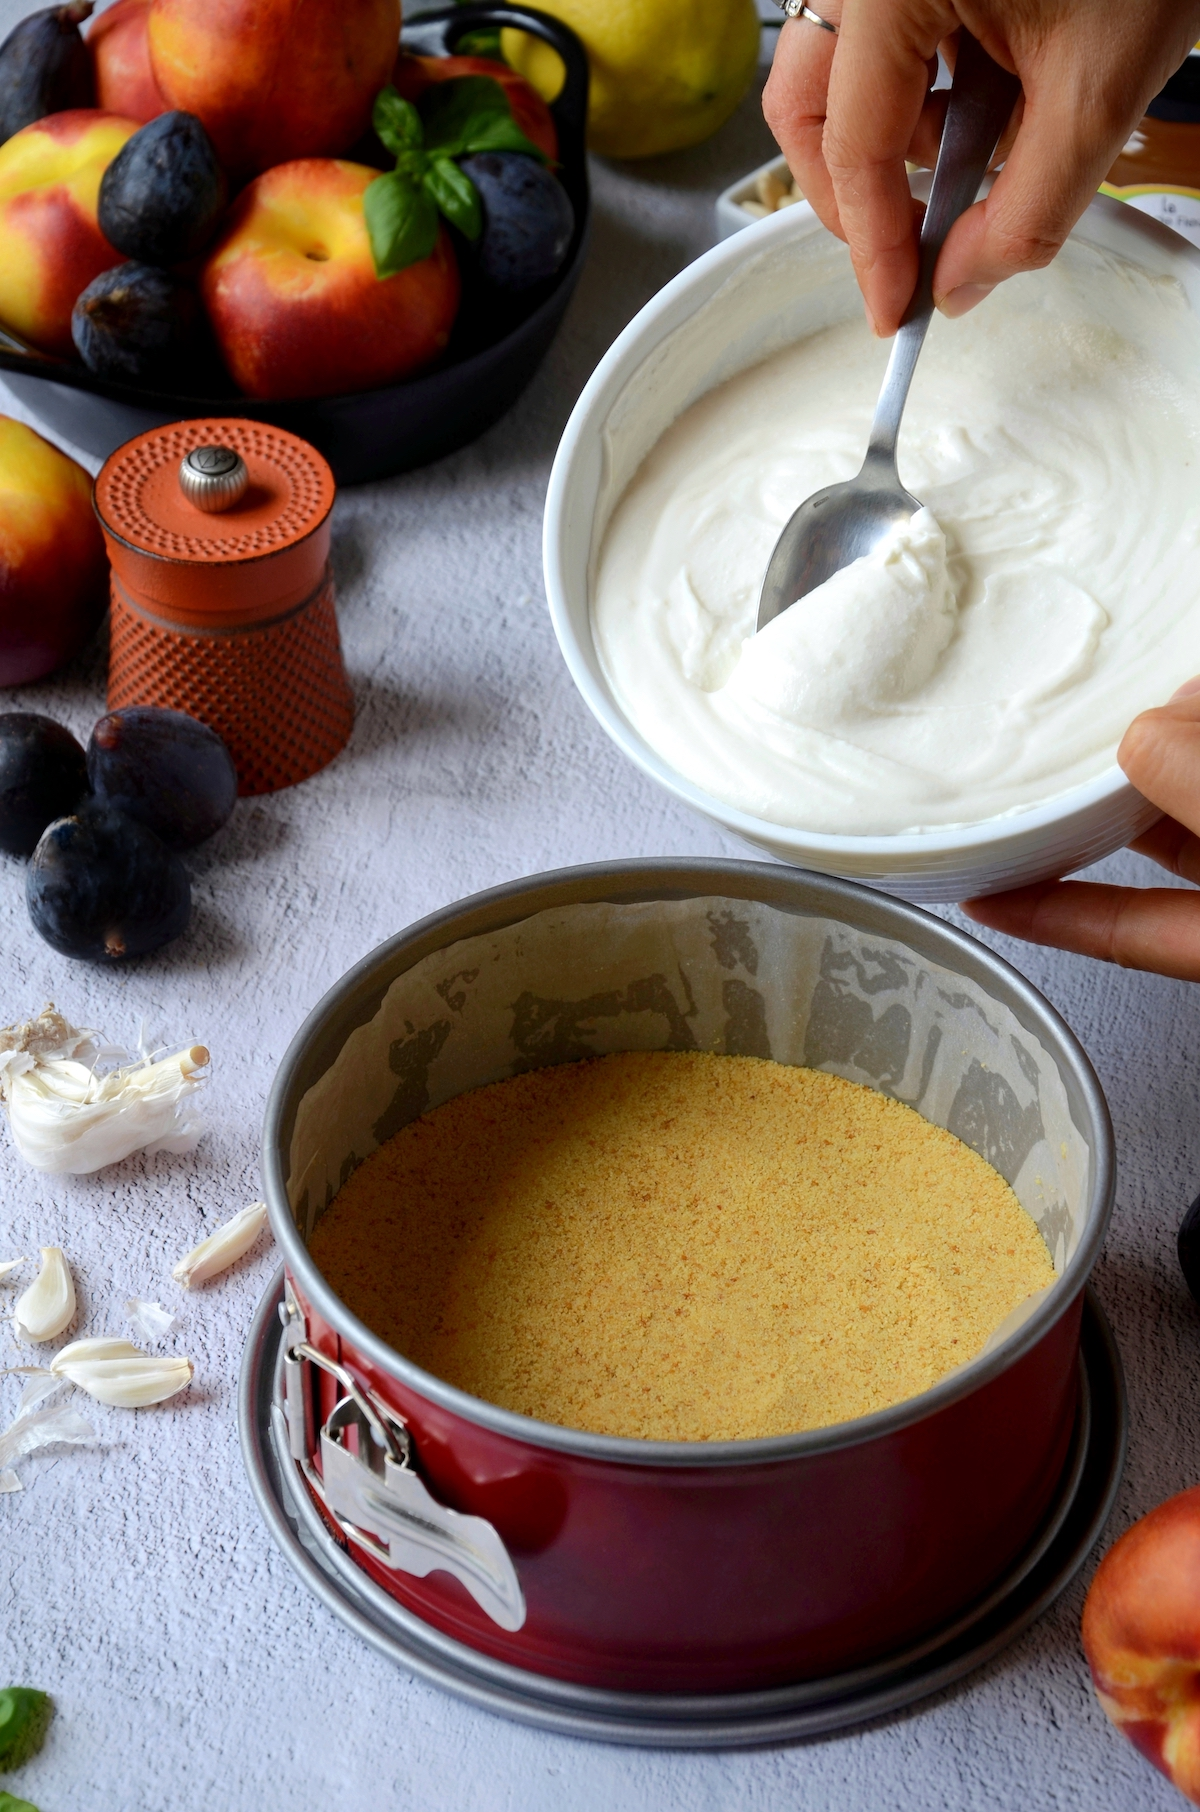 préparer dessert gateau anniversaire adulte figue fromage pêche